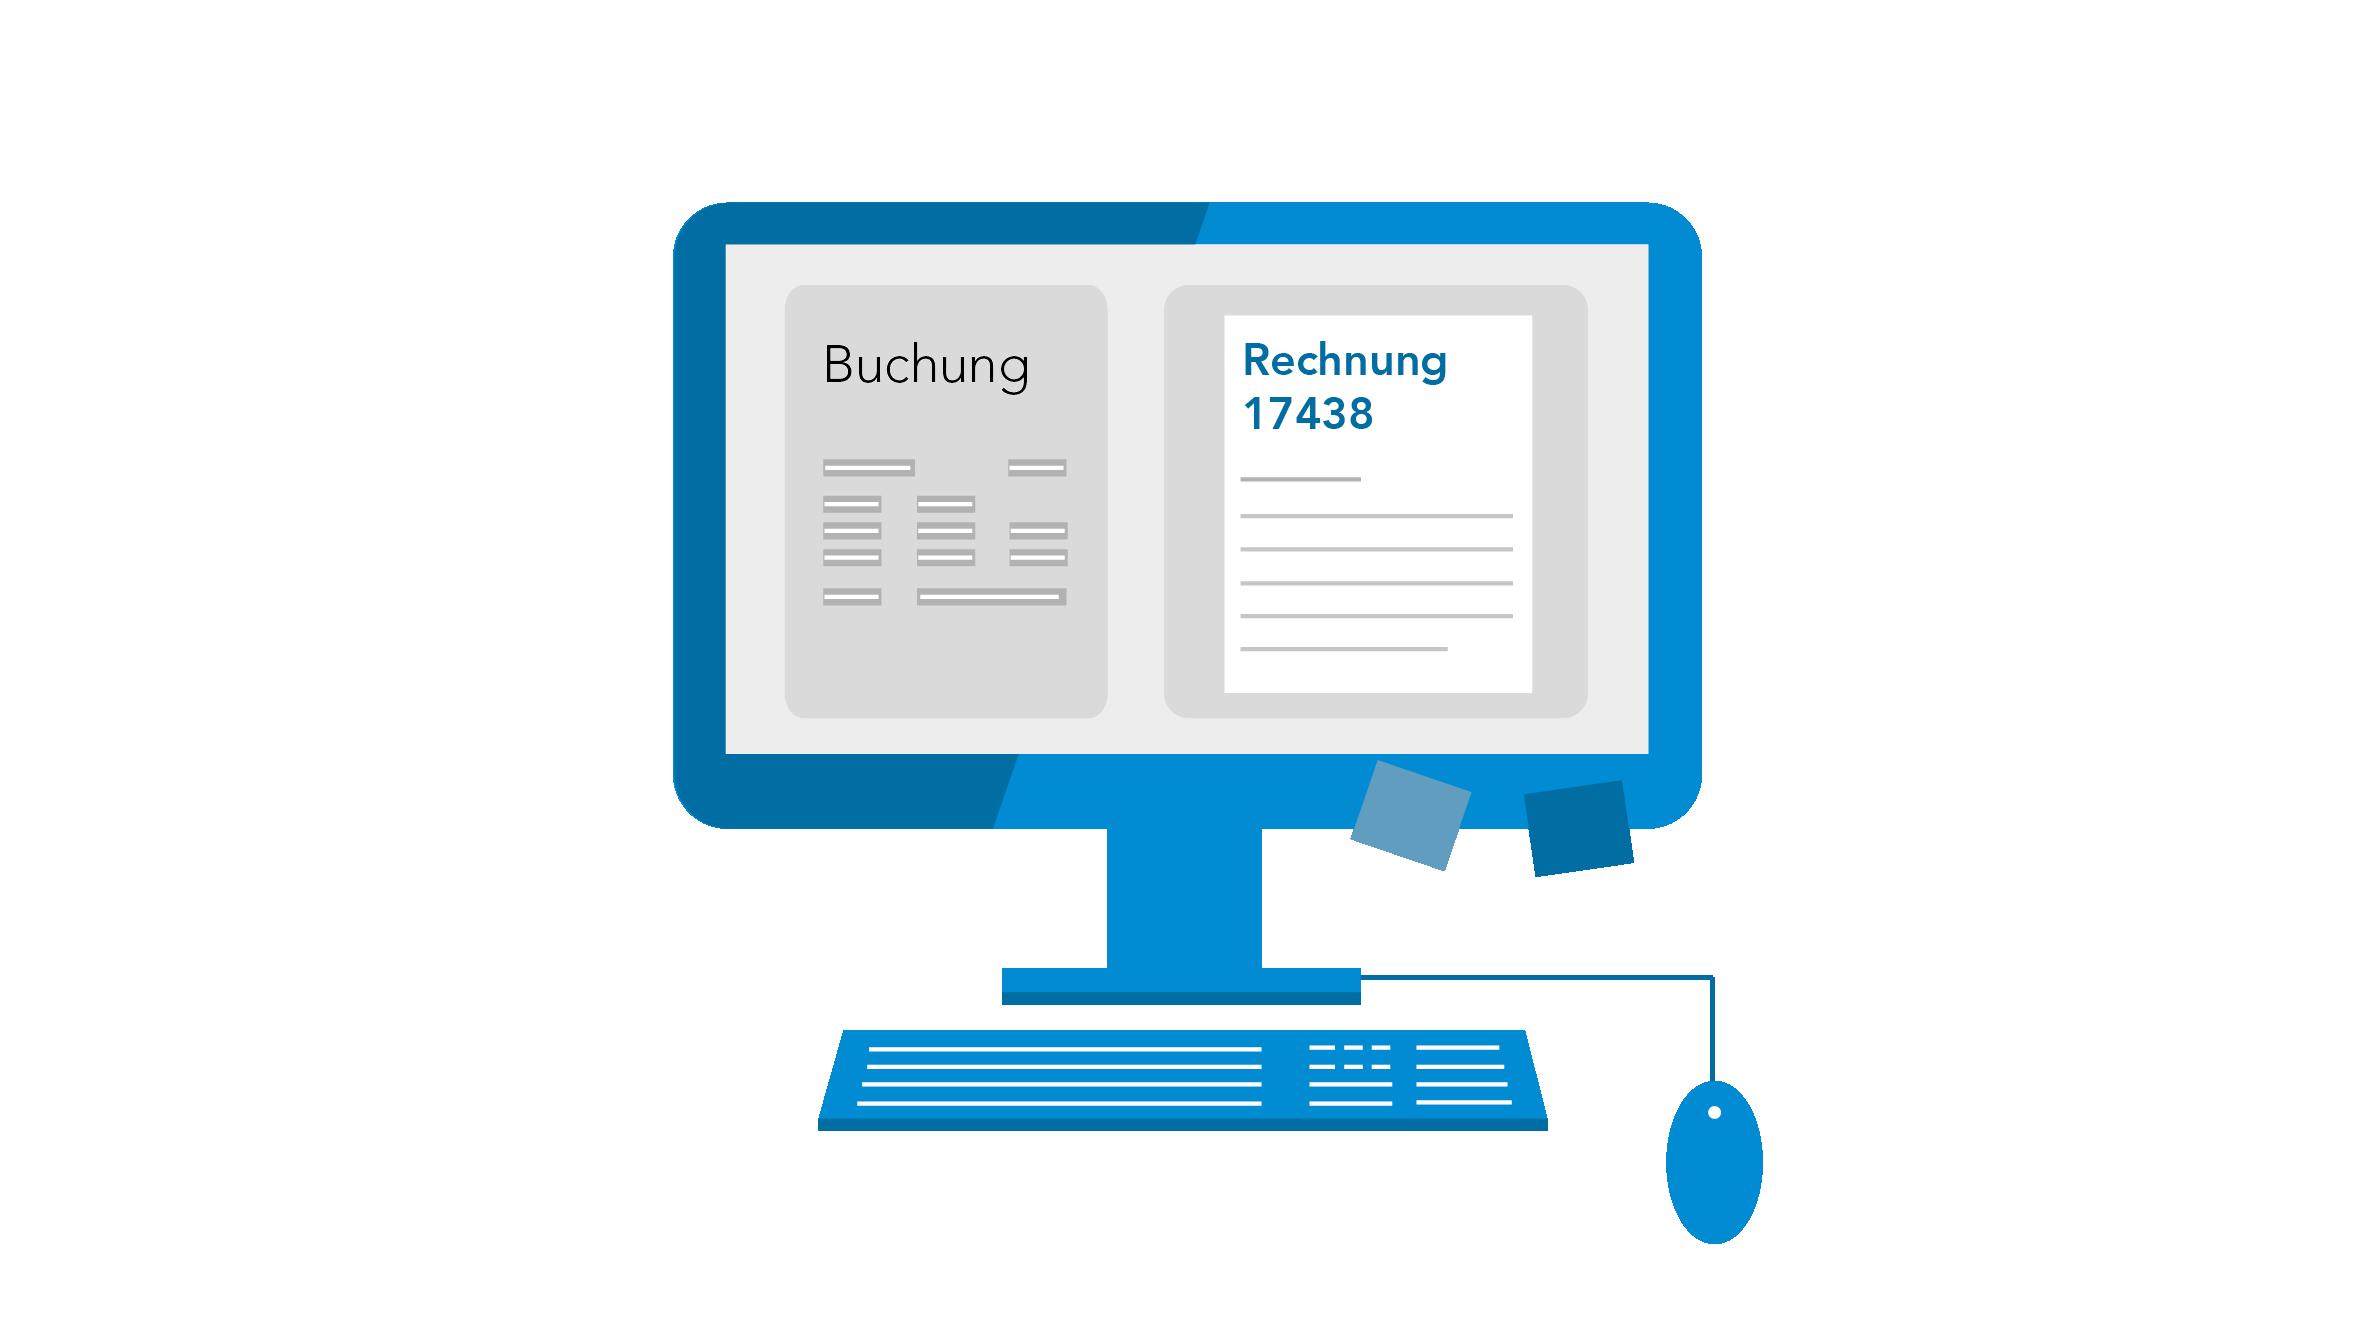 Icon Computer mit Buchung und Rechnung - Kreditorenbuchhaltung